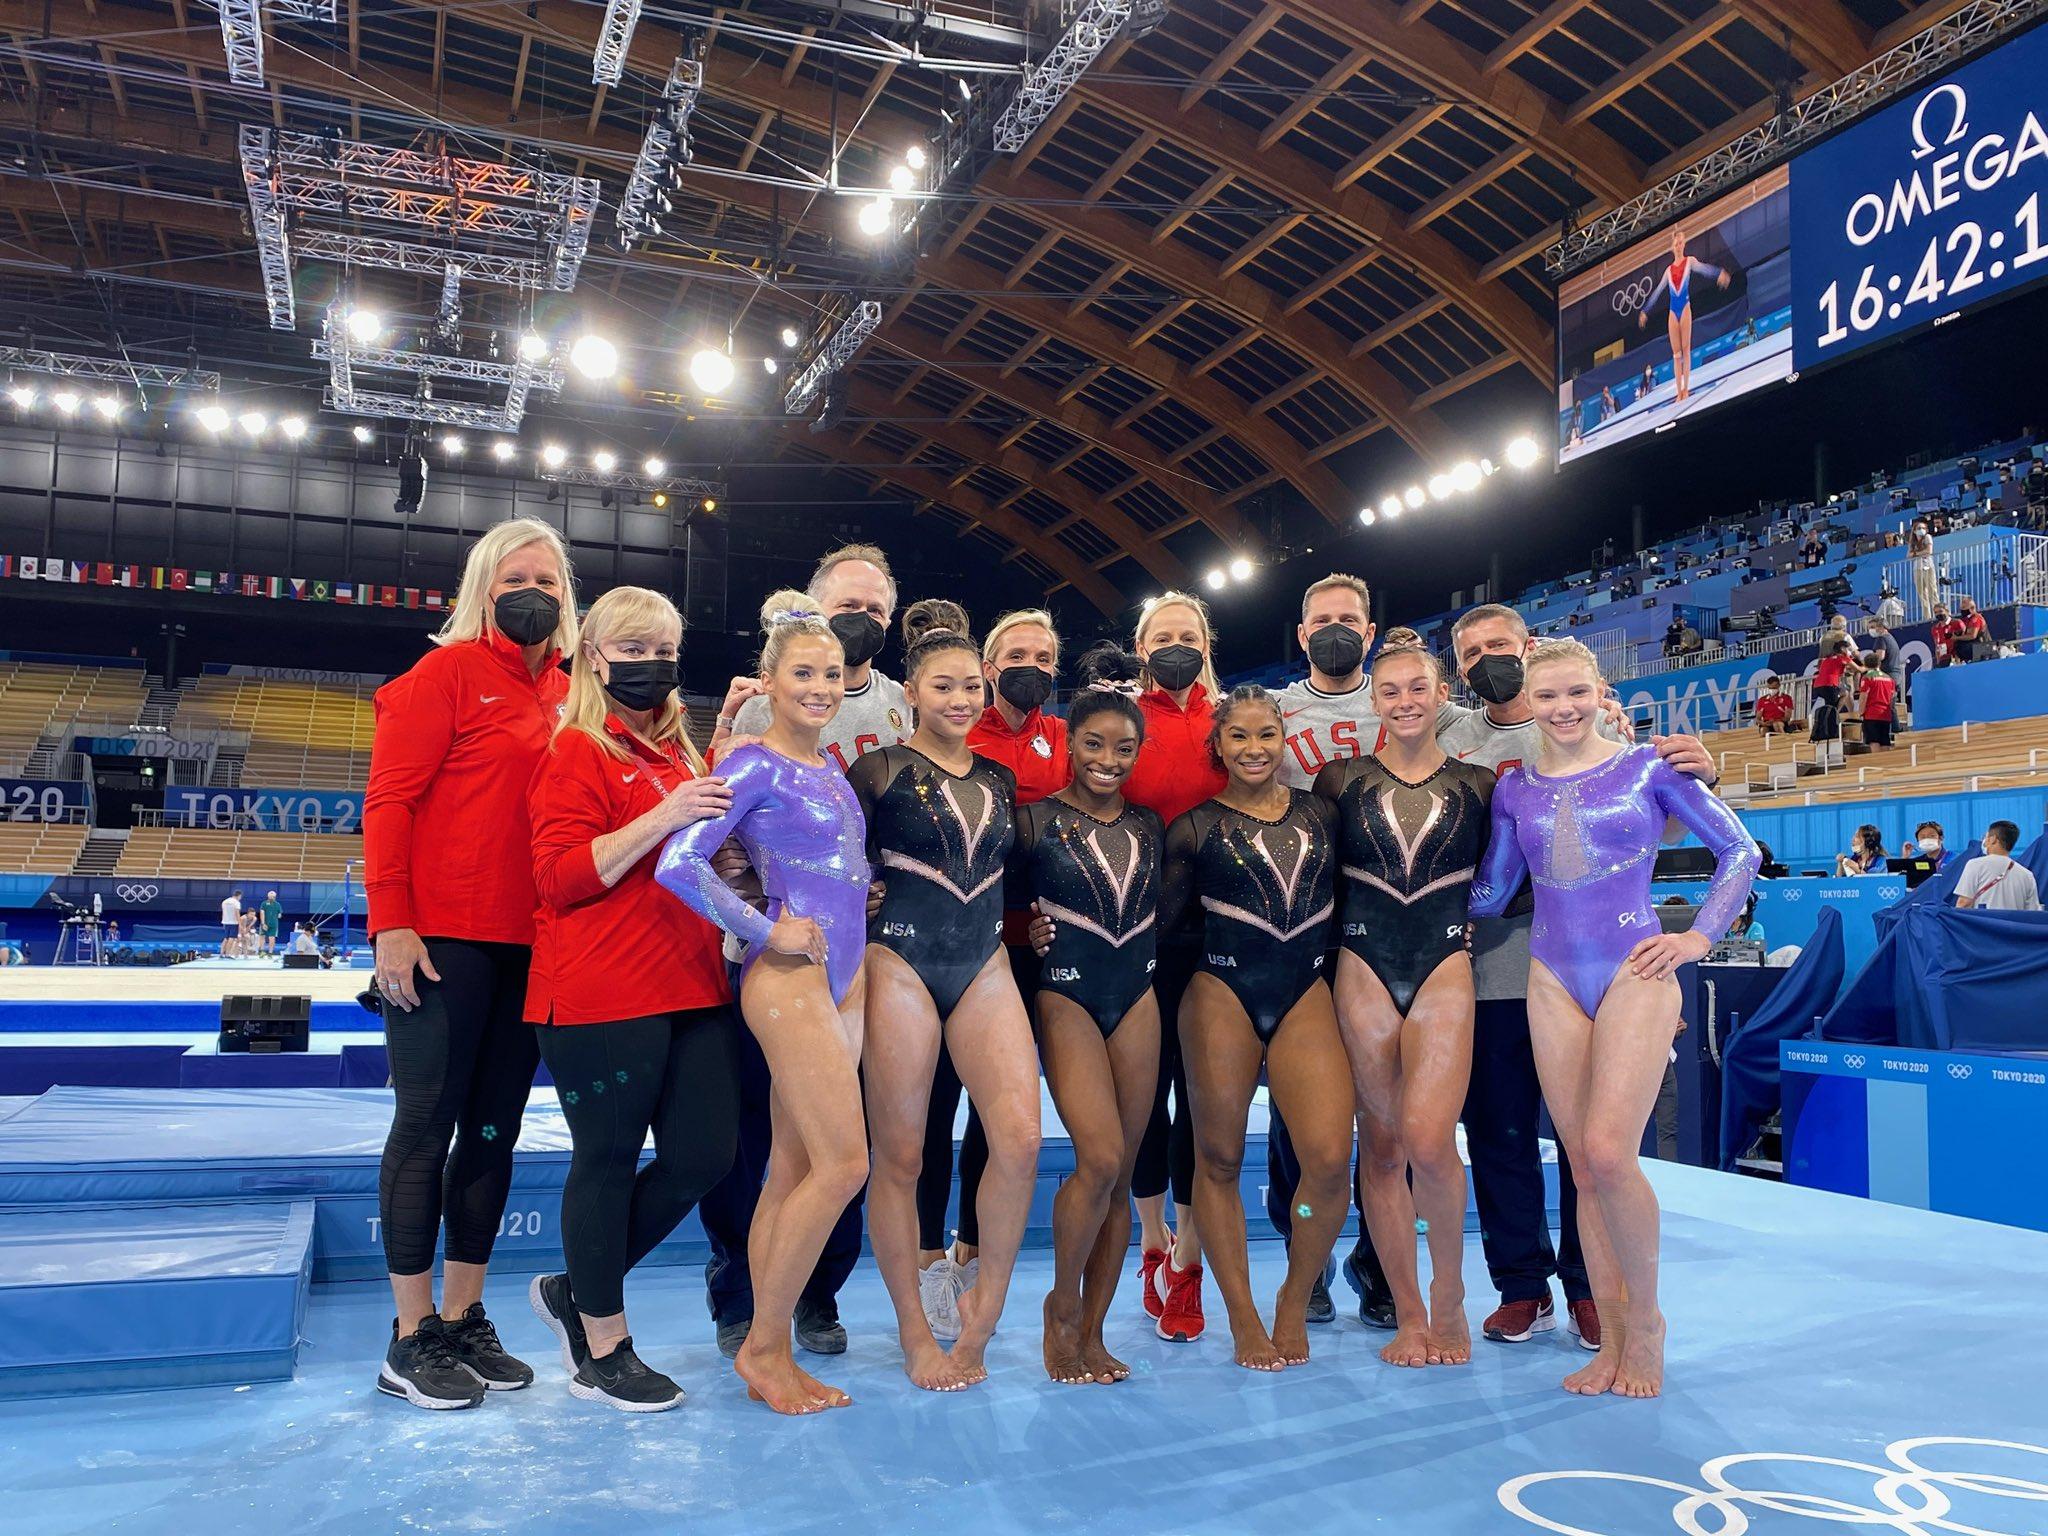 Simone Biles renunció a algunas pruebas de Juegos Olímpicos. Foto: Twitter